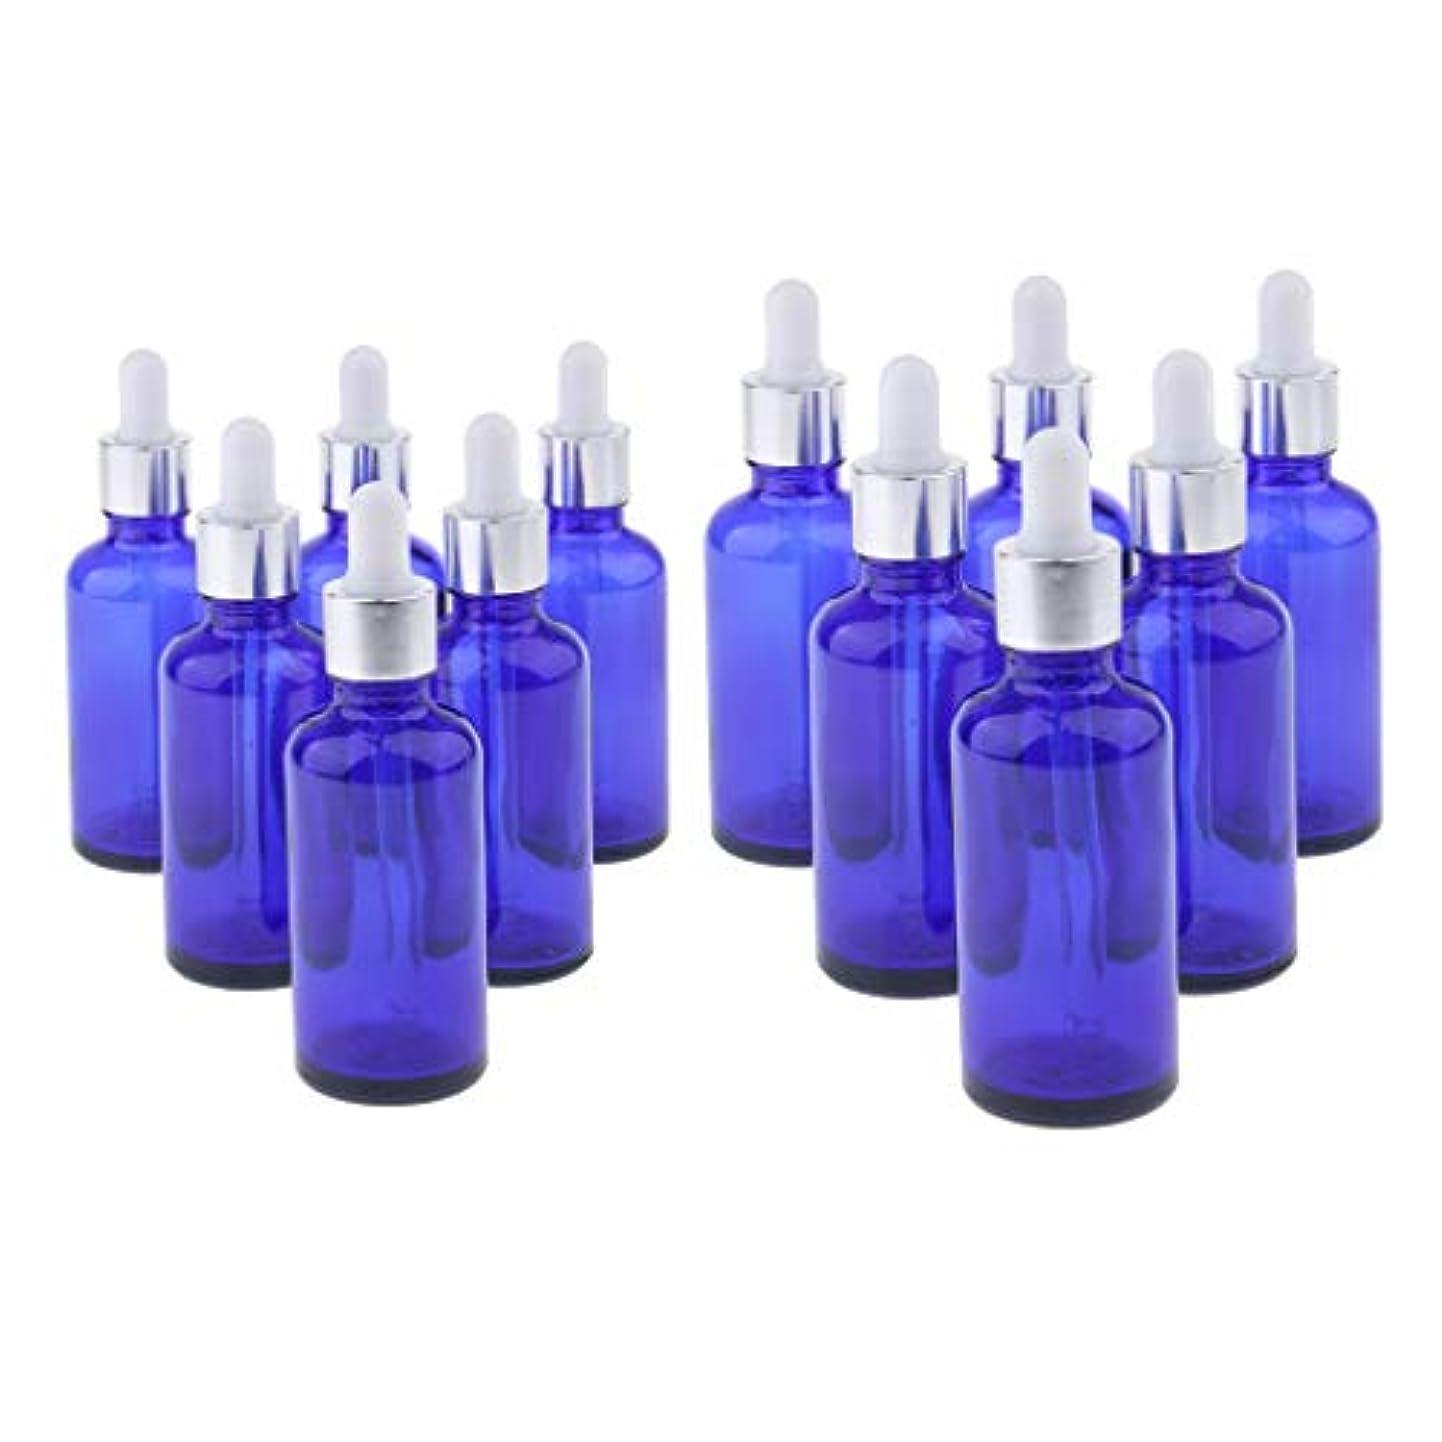 努力ちなみにカウンタP Prettyia 化粧品容器 ガラスボトル エッセンシャルオイル 精油 香水 保存容器 スポイト付 12個入